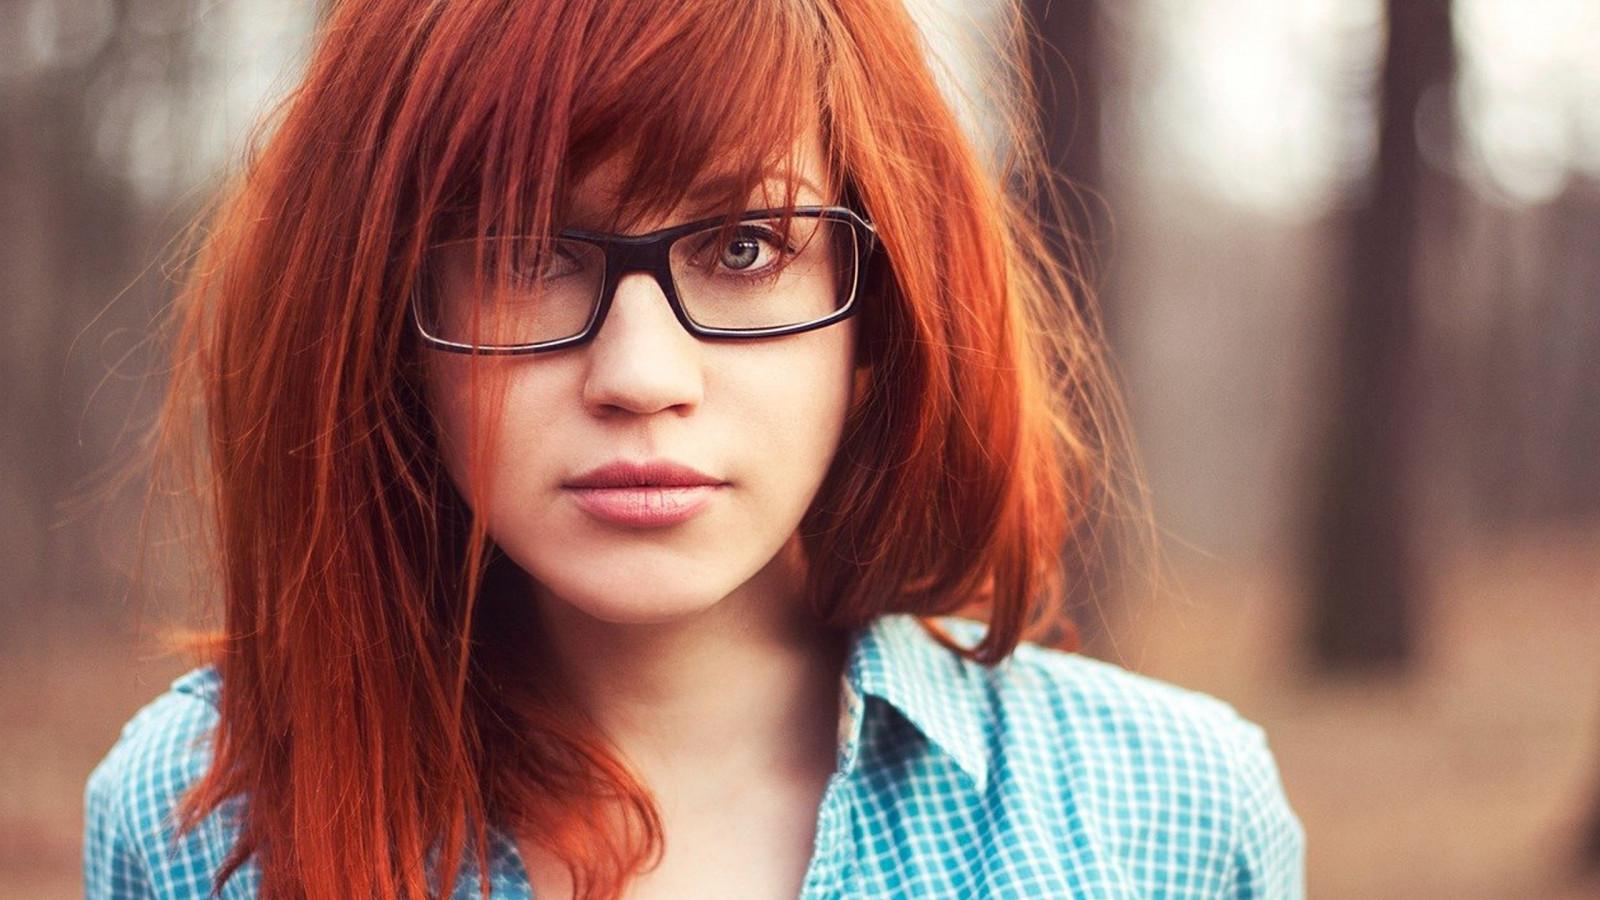 Frauen rote haare farben